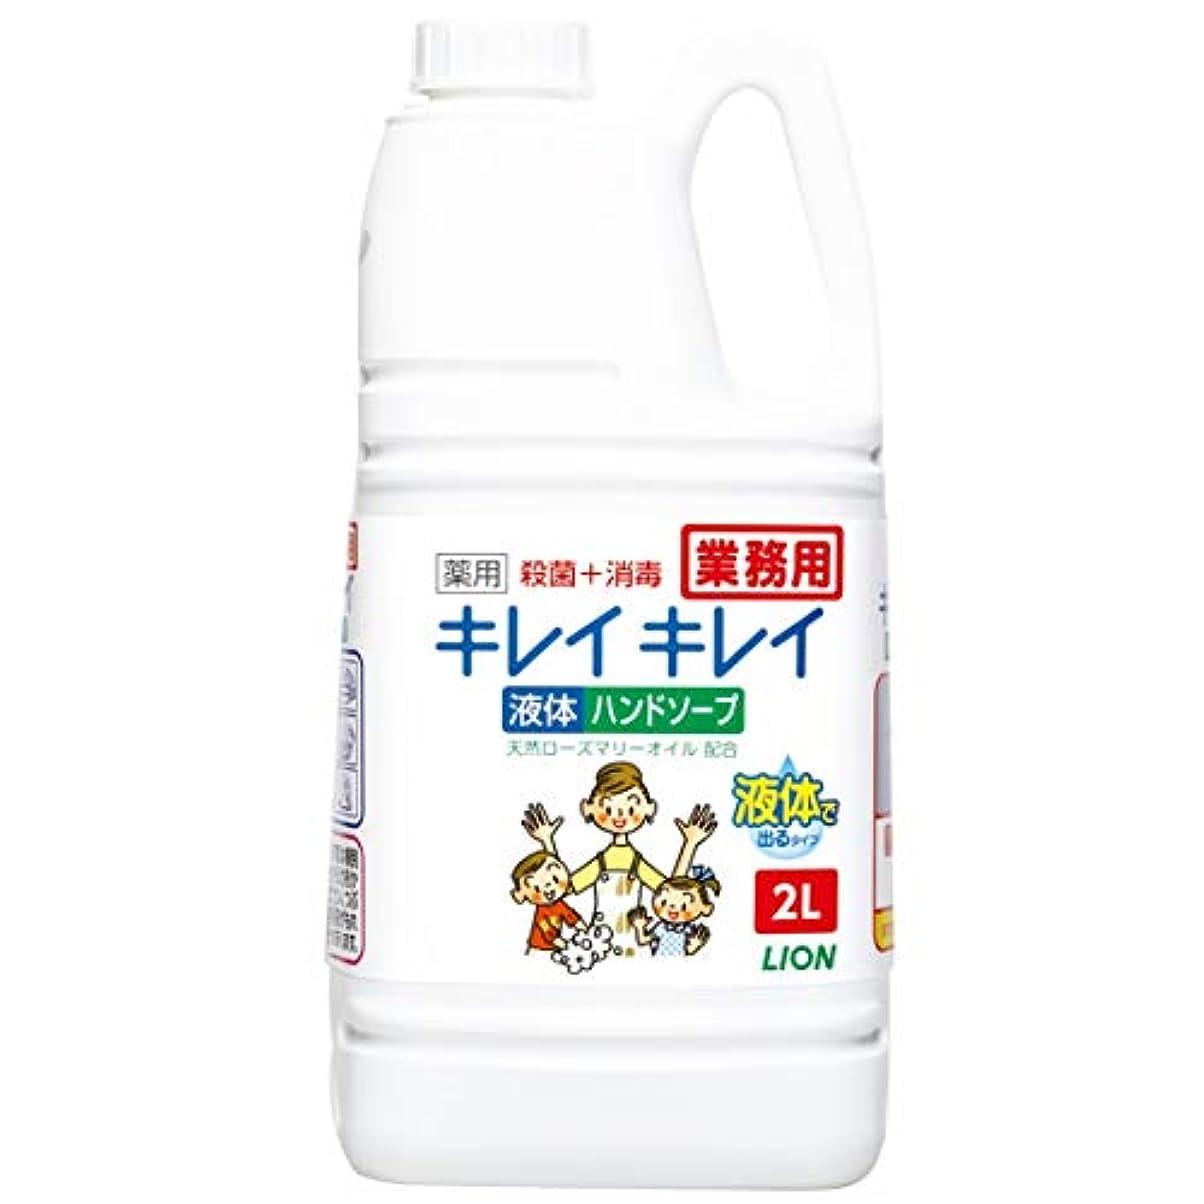 豊かにする鋸歯状進行中【業務用 大容量】キレイキレイ 薬用 ハンドソープ 2L(医薬部外品)